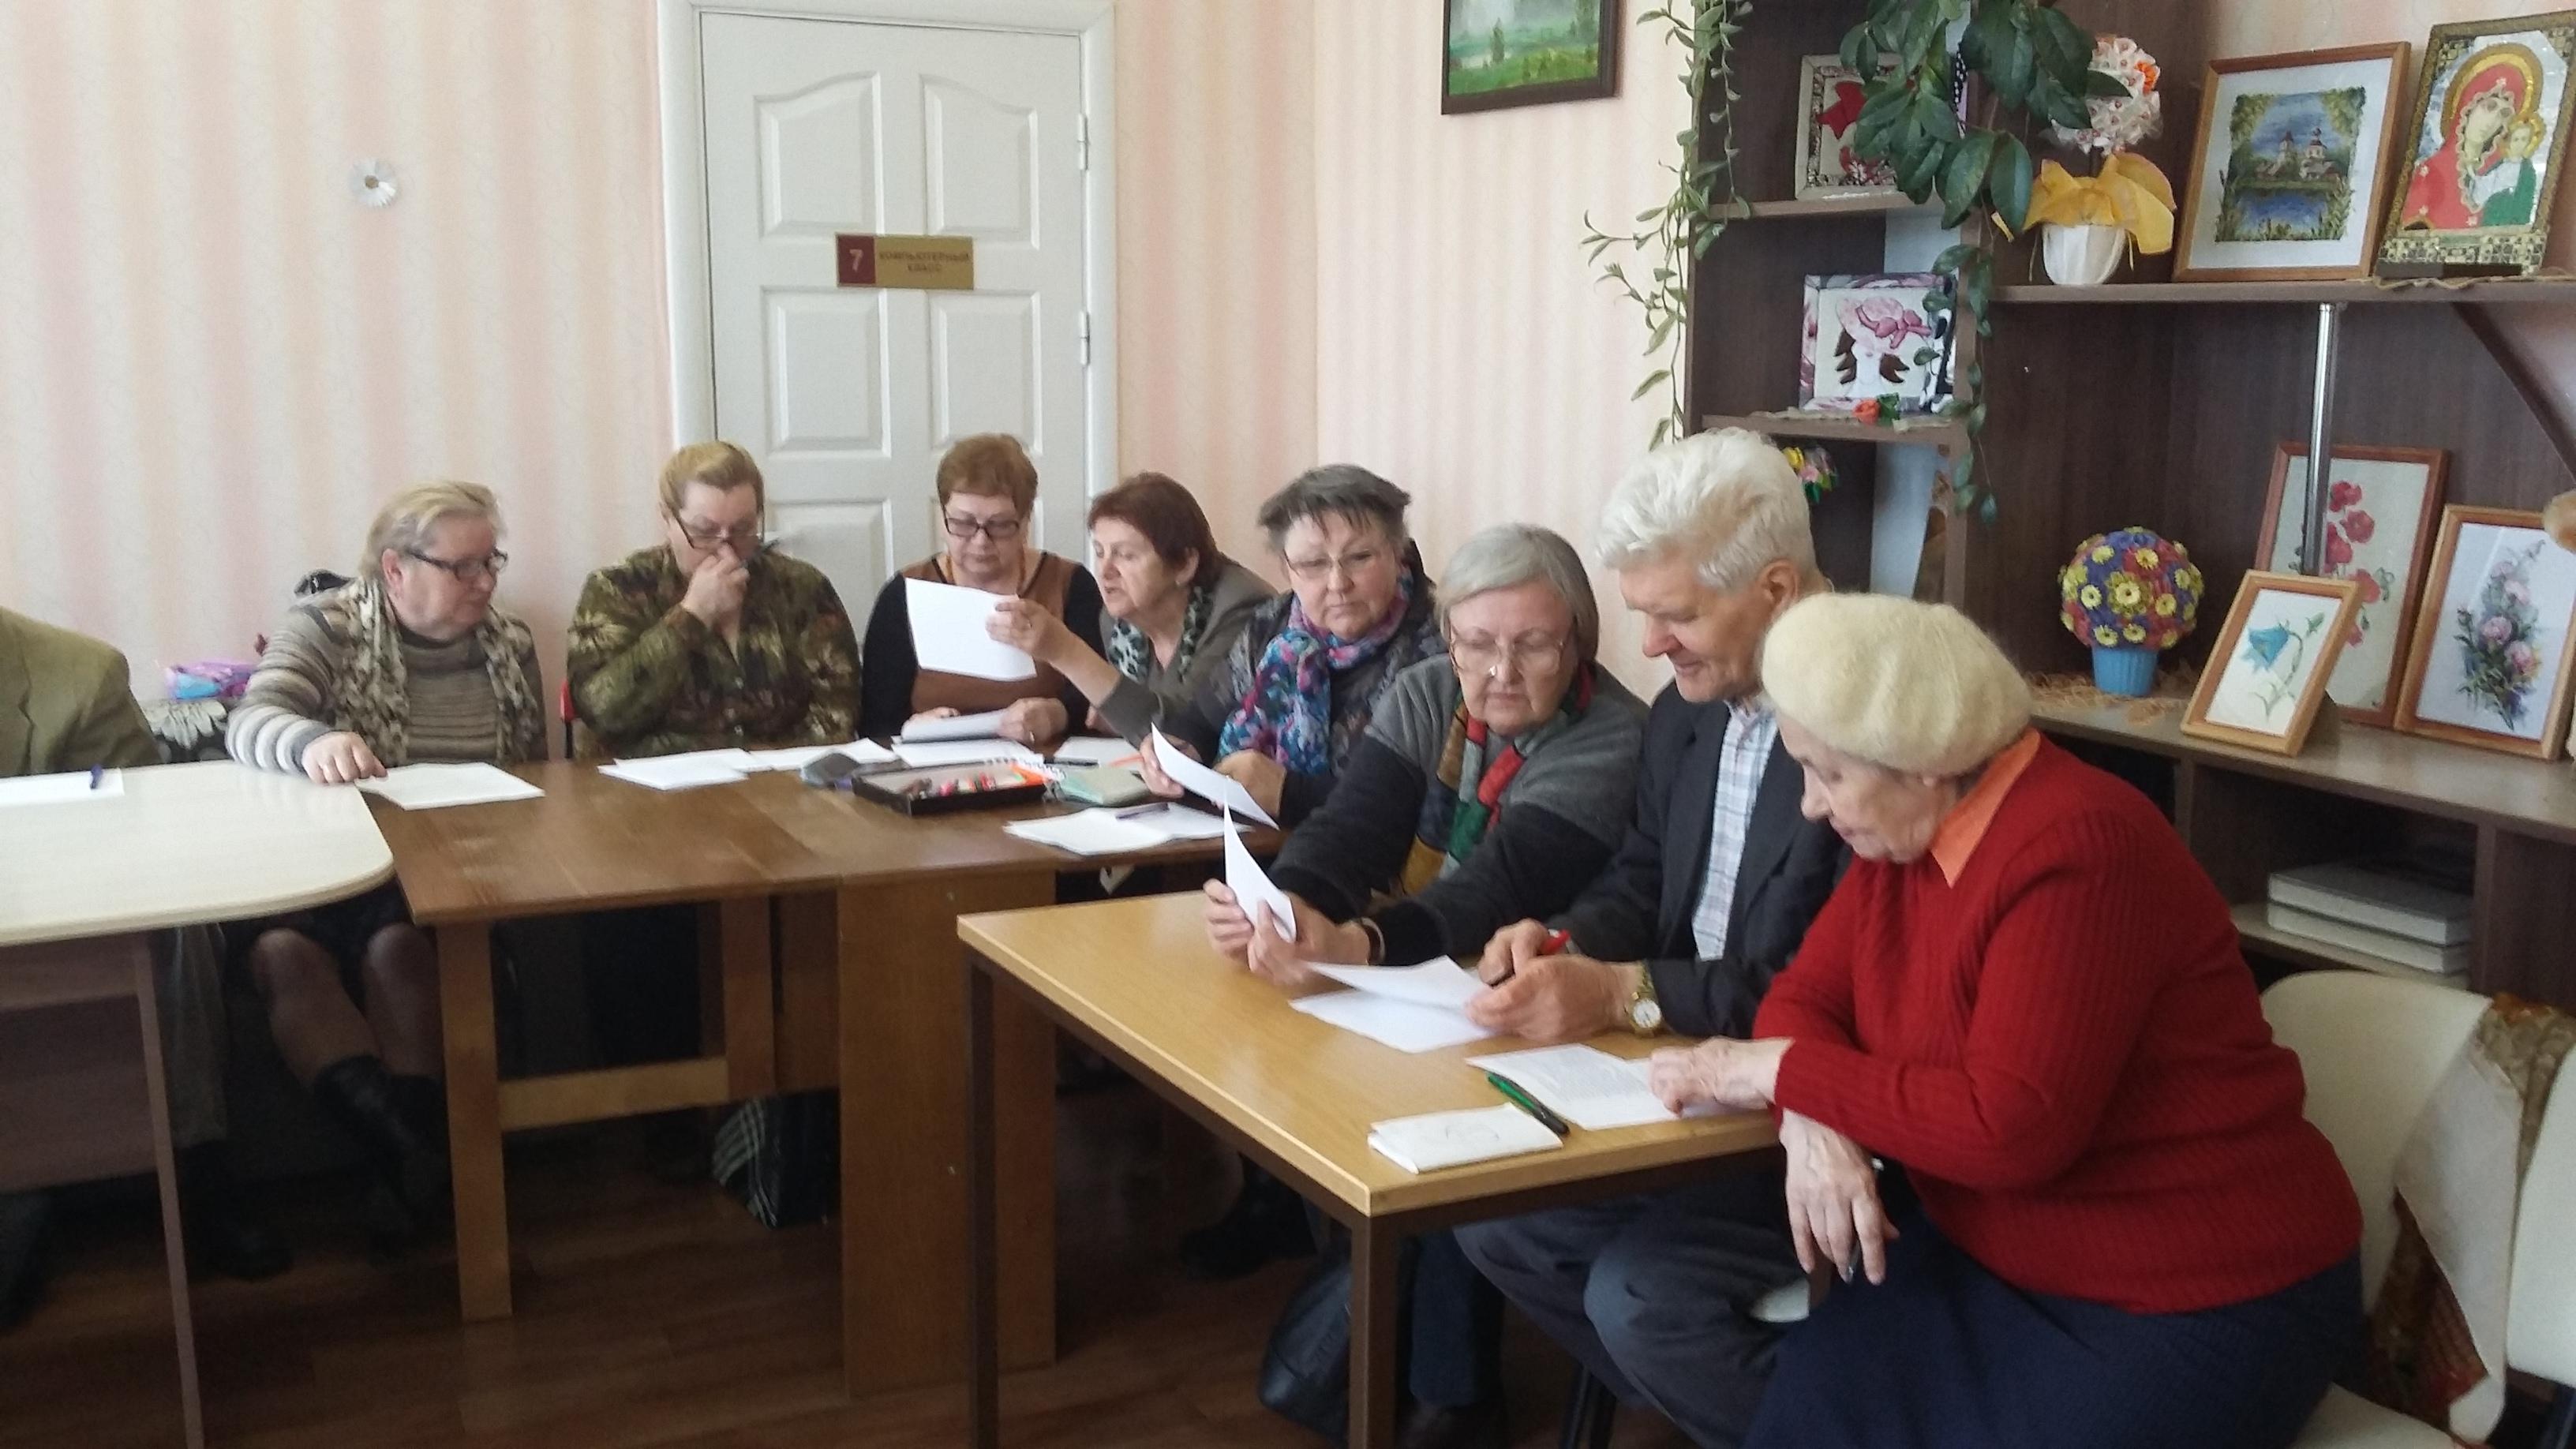 Тренинги «Права пациента», «Возмездное оказание медицинских услуг», «Толерантность» на базе Института Золотого возраста г. Новополоцка